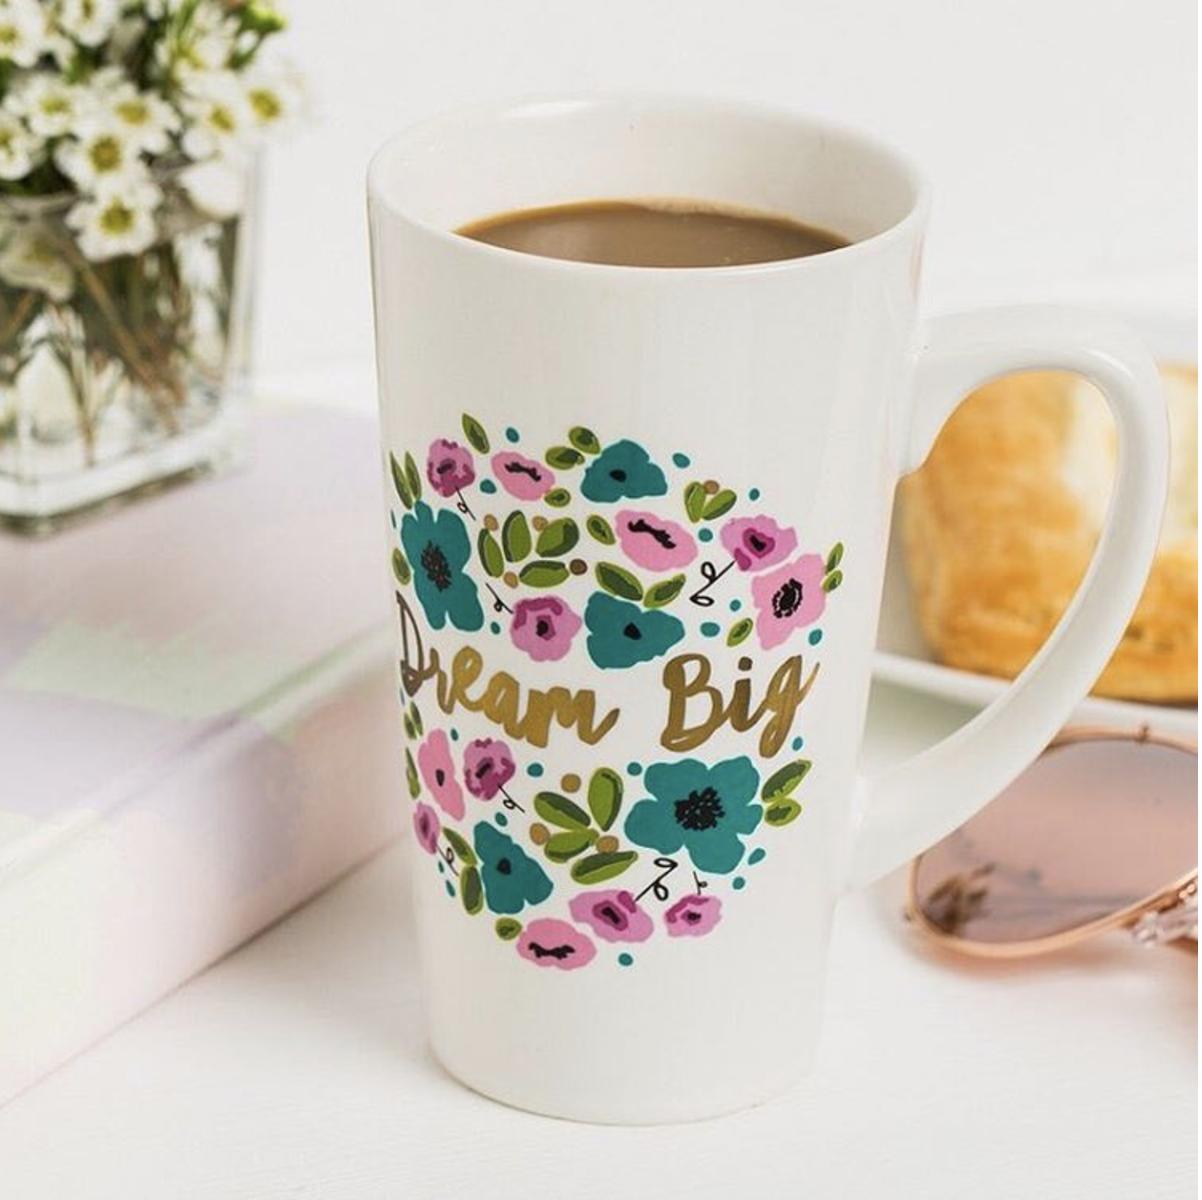 Tanger Outlets francesca's dream big mug